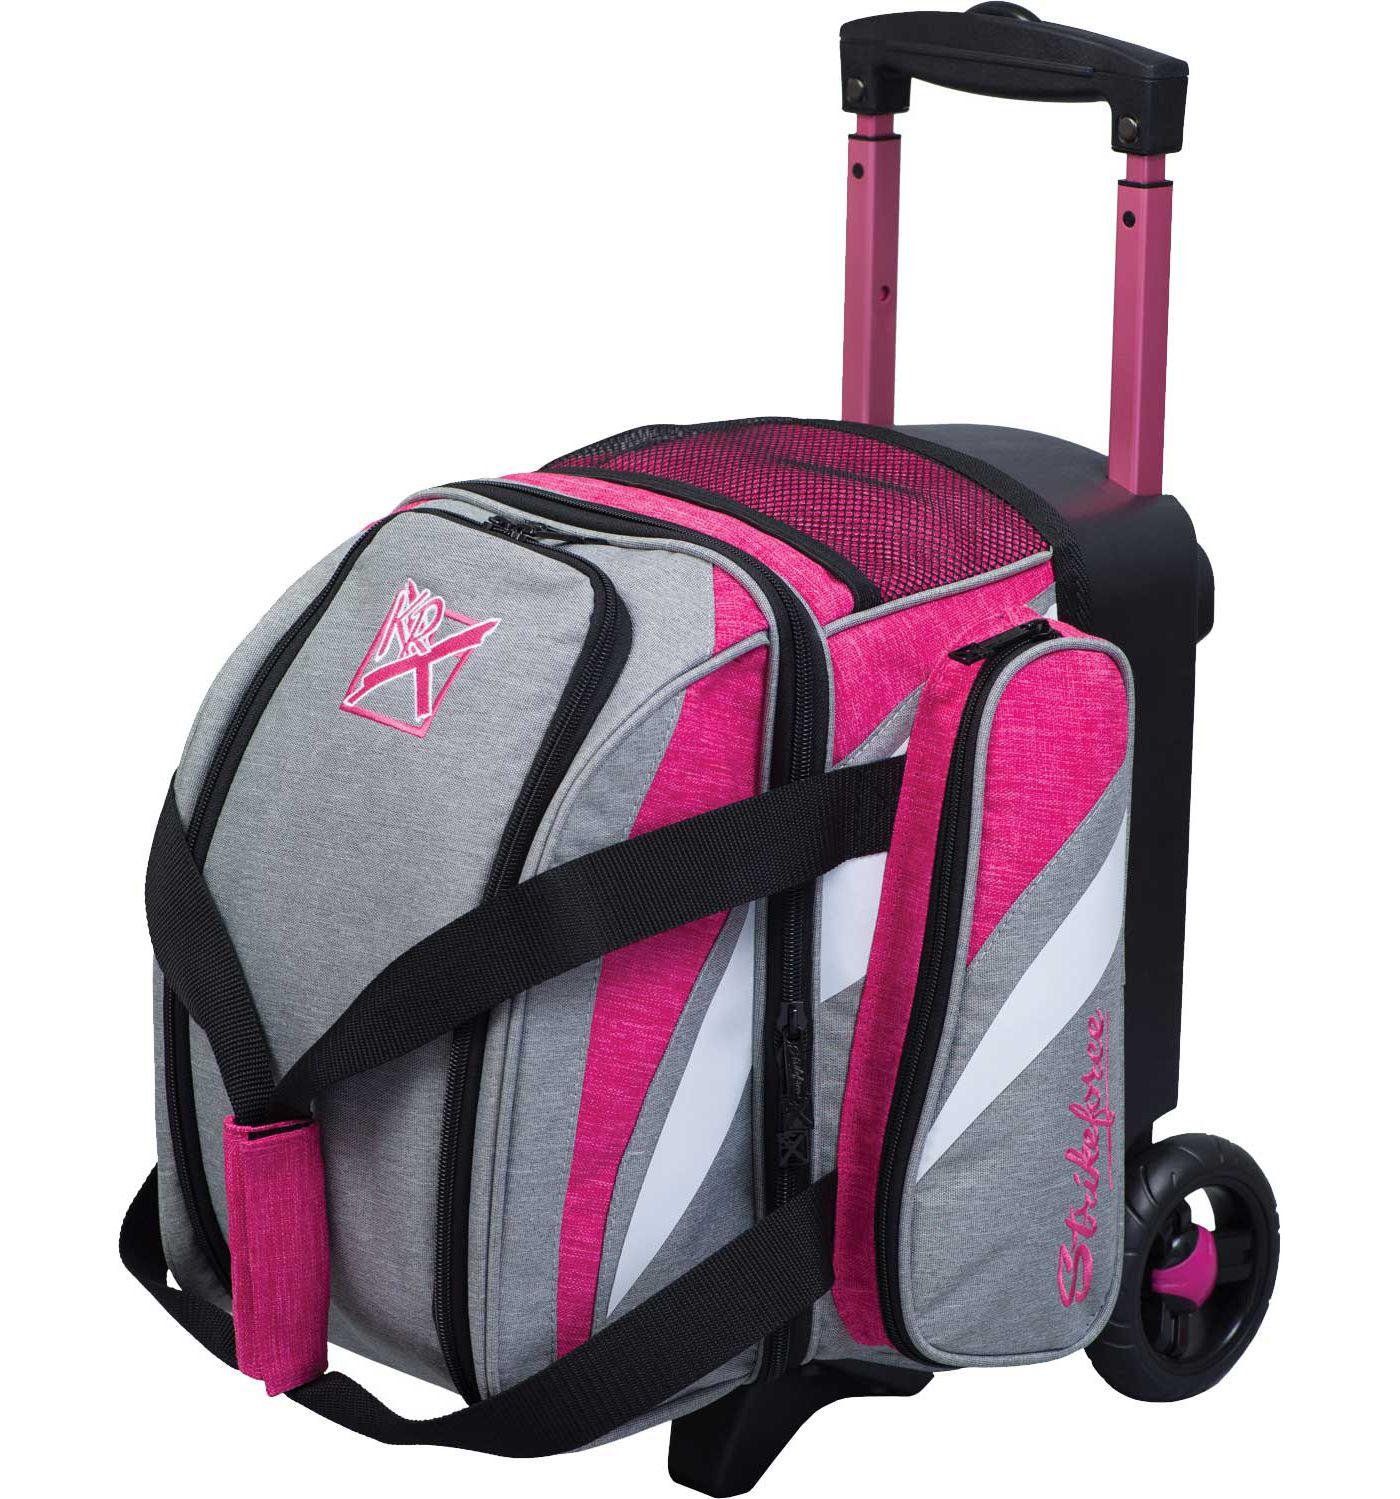 Strikeforce Cruiser Single Roller Bowling Bag